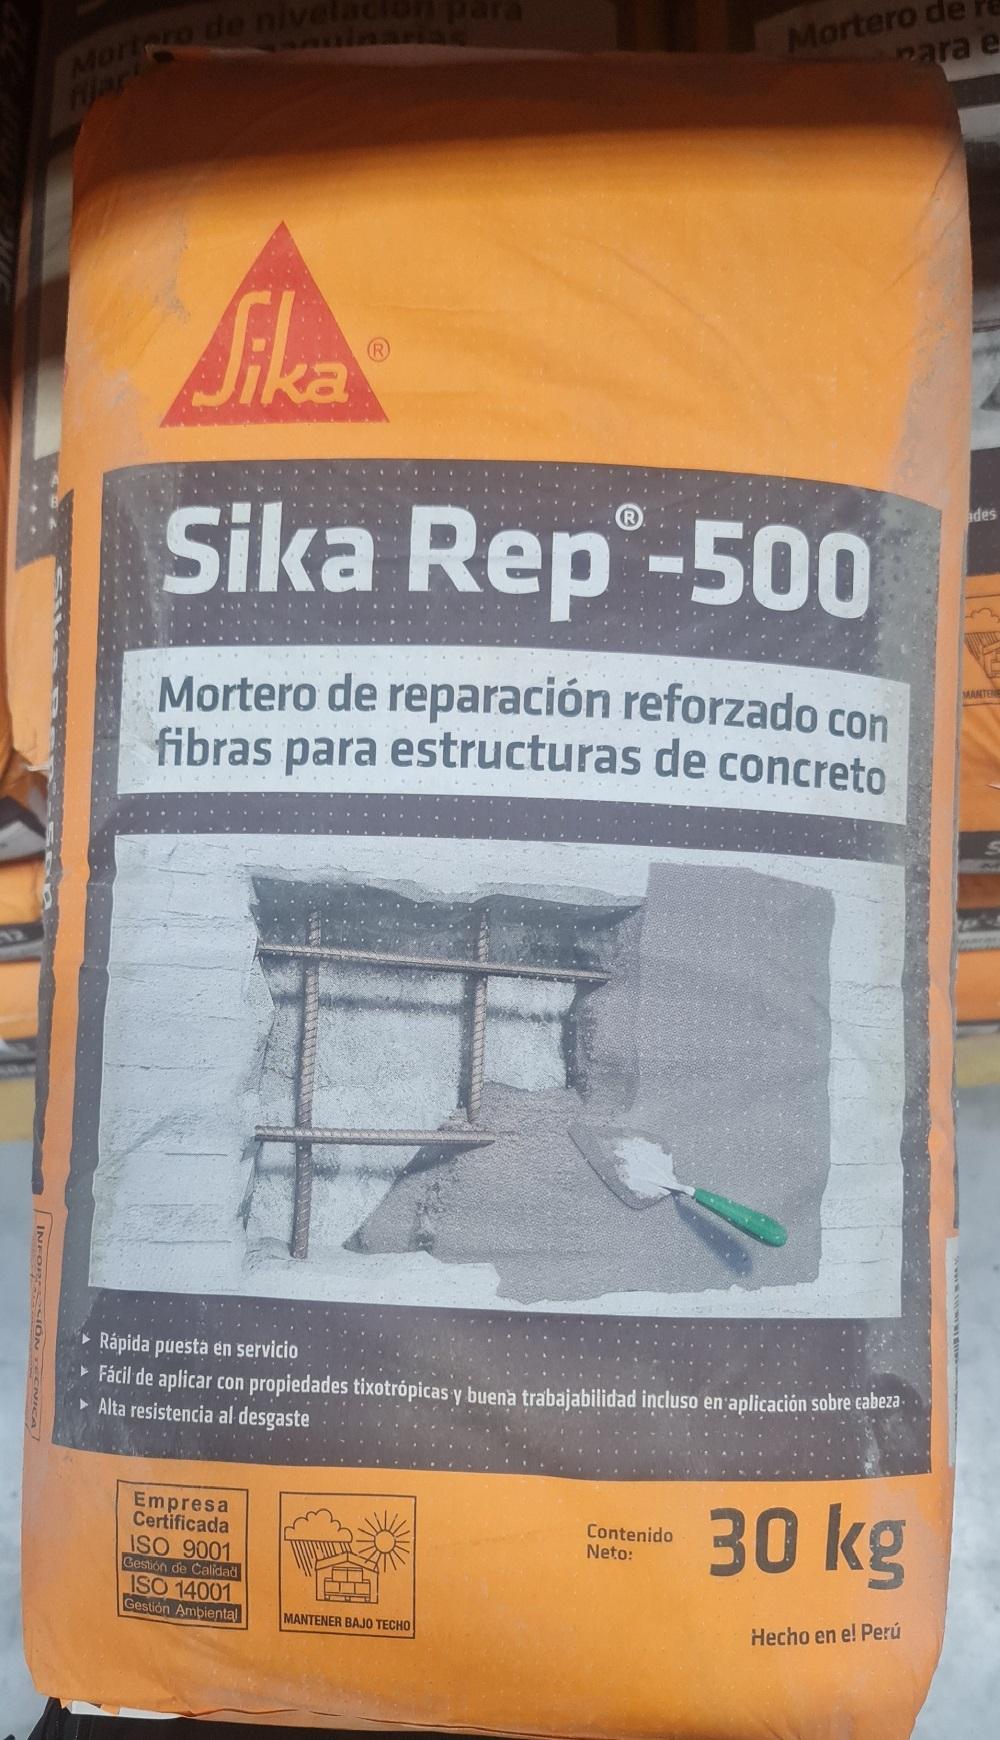 SIKAREP 500 PRECIO